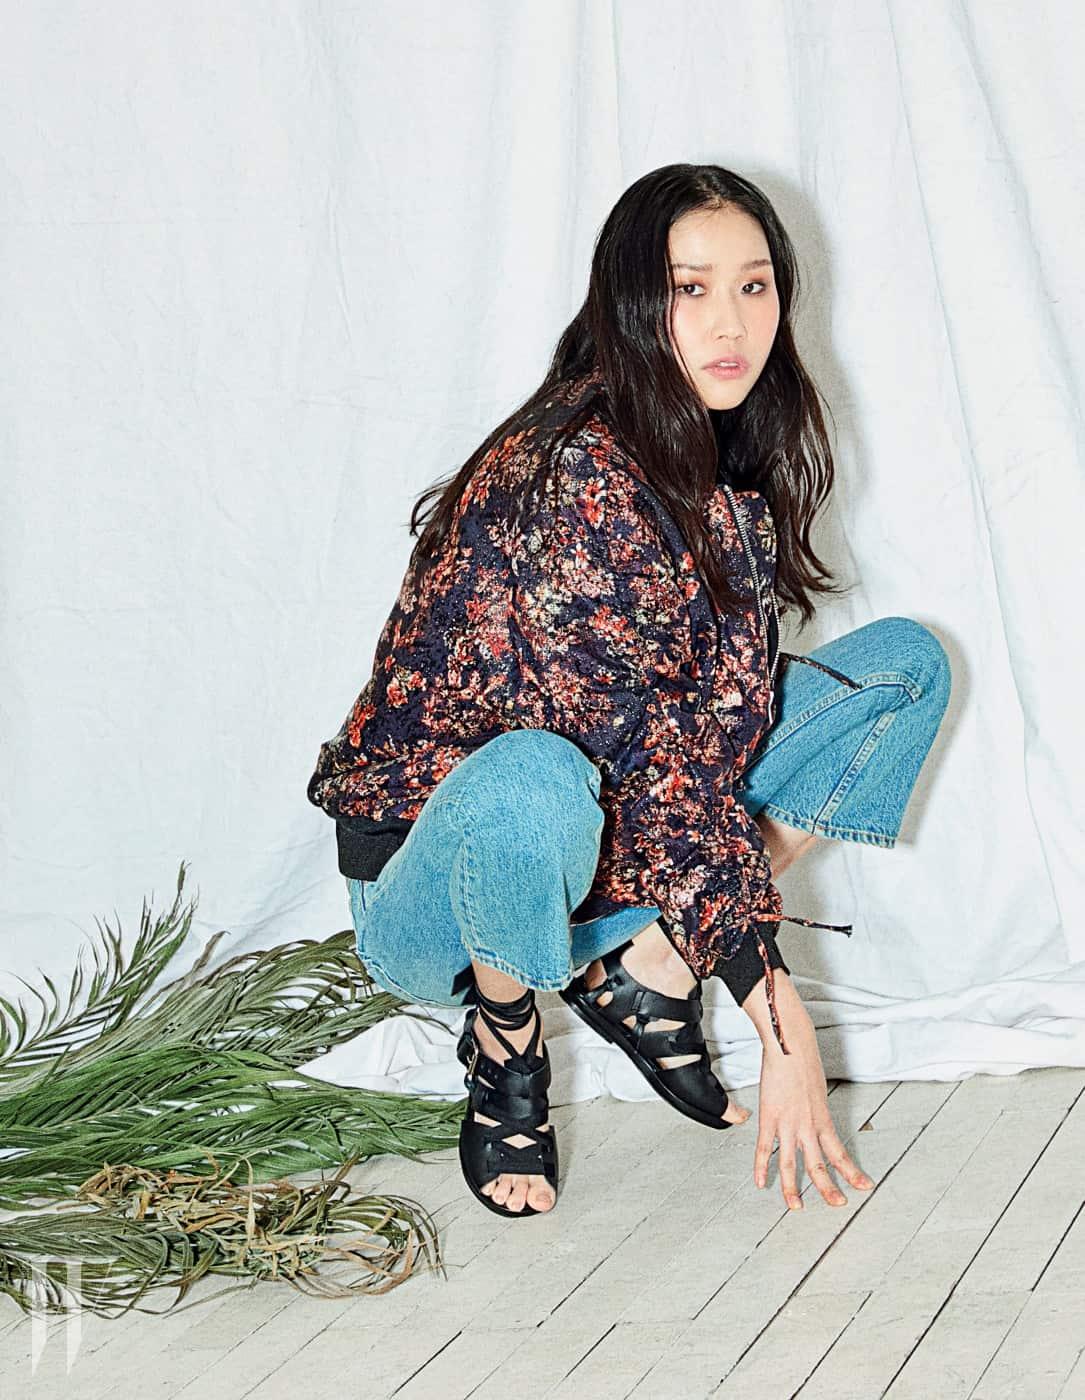 꽃무늬 보머 재킷과 플레어 크롭트 진, 검은색 레이스업 샌들은 모두 IRO 제품.